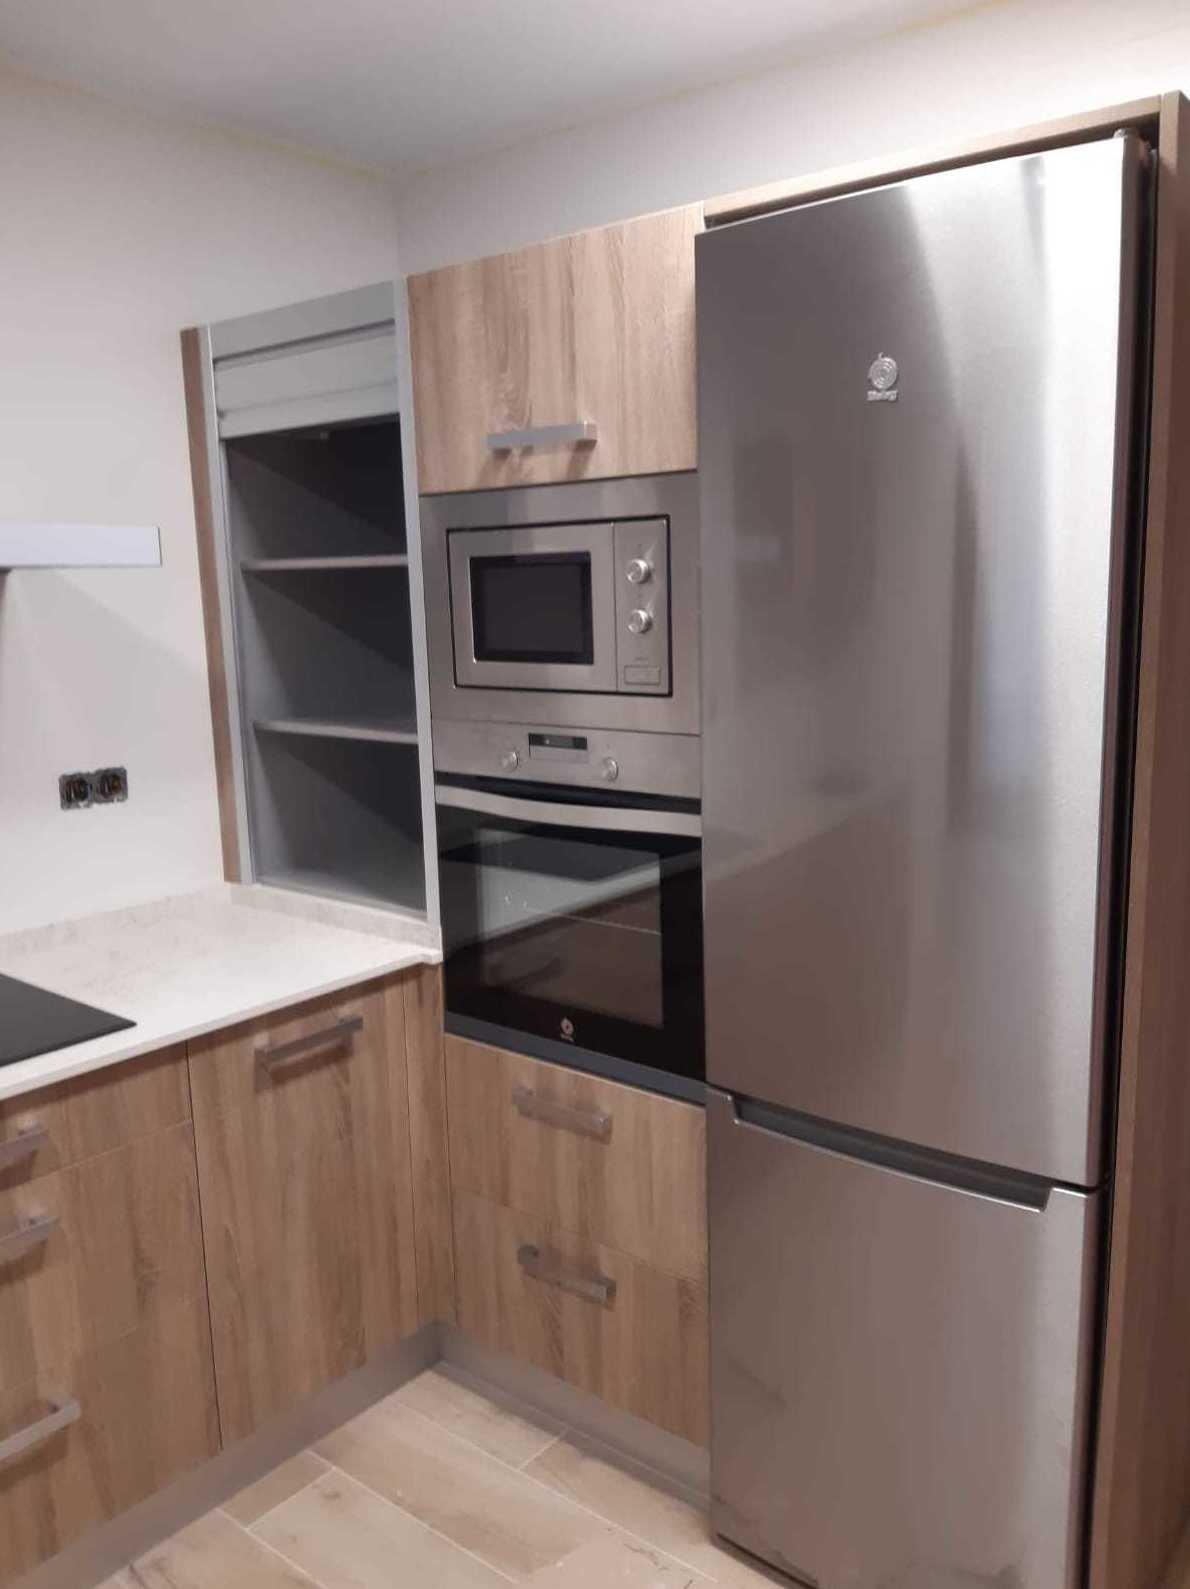 Foto 31 de Electrodomésticos y muebles en  | Electrodomésticos Miguelena